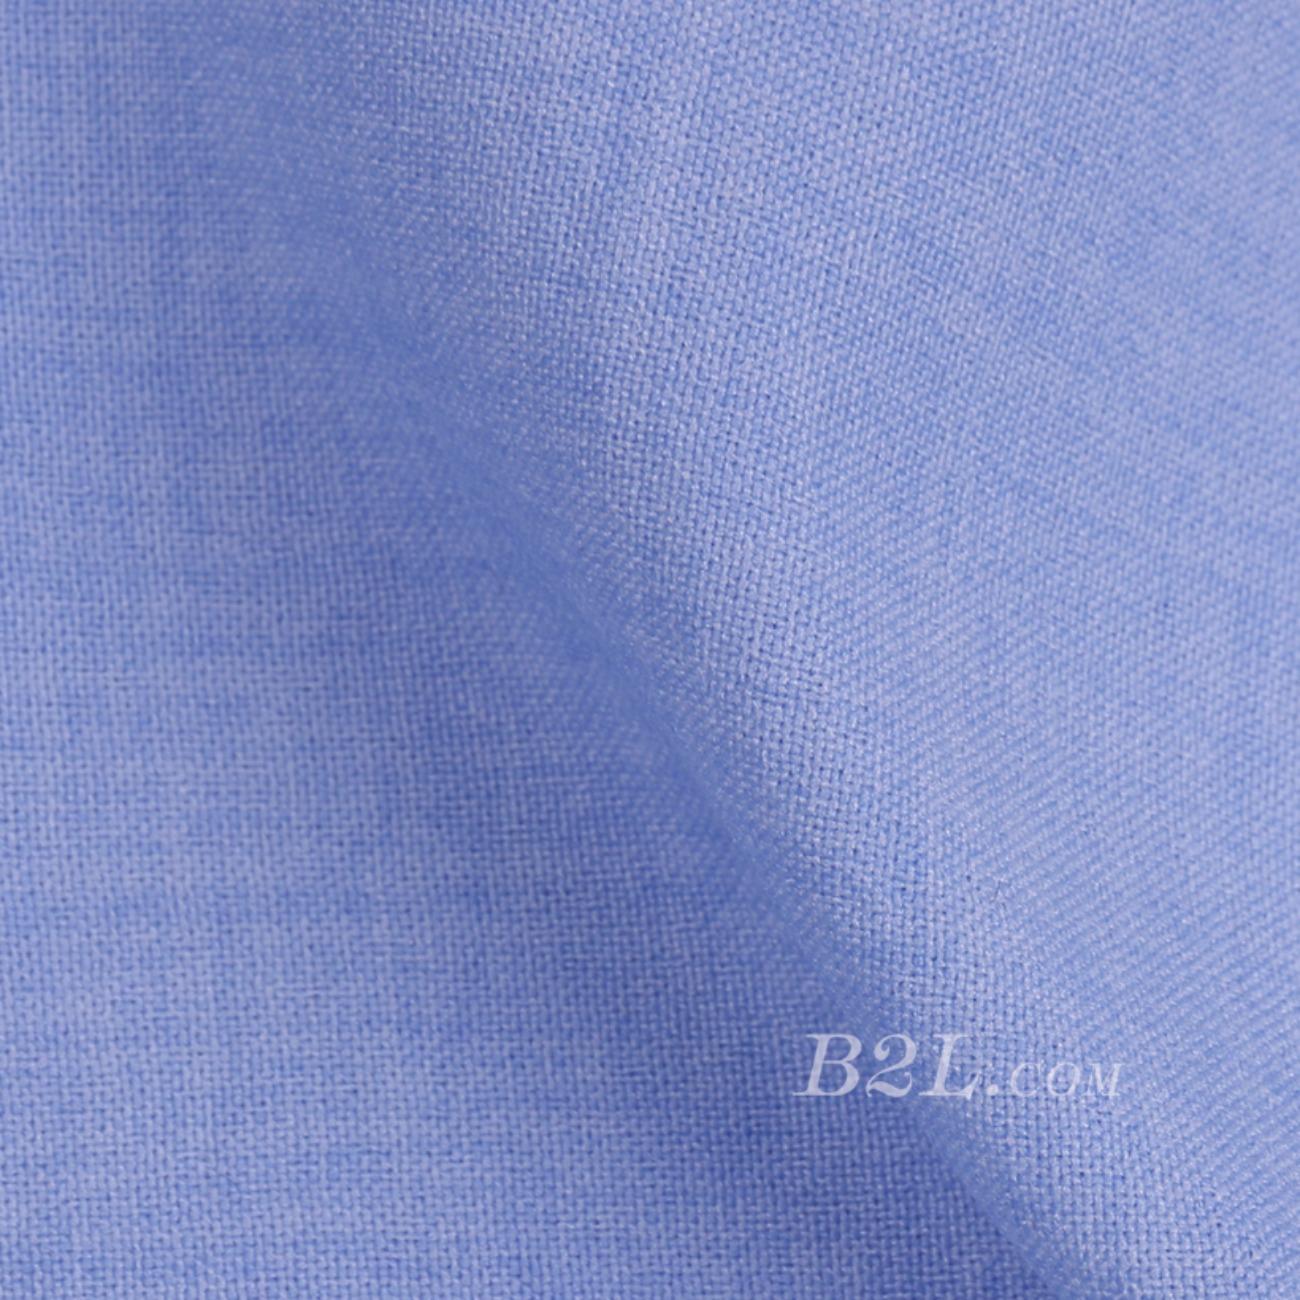 麻料 梭织 衬衫染色 连衣裙 短裙 无弹 春 秋 柔软 薄 70703-11